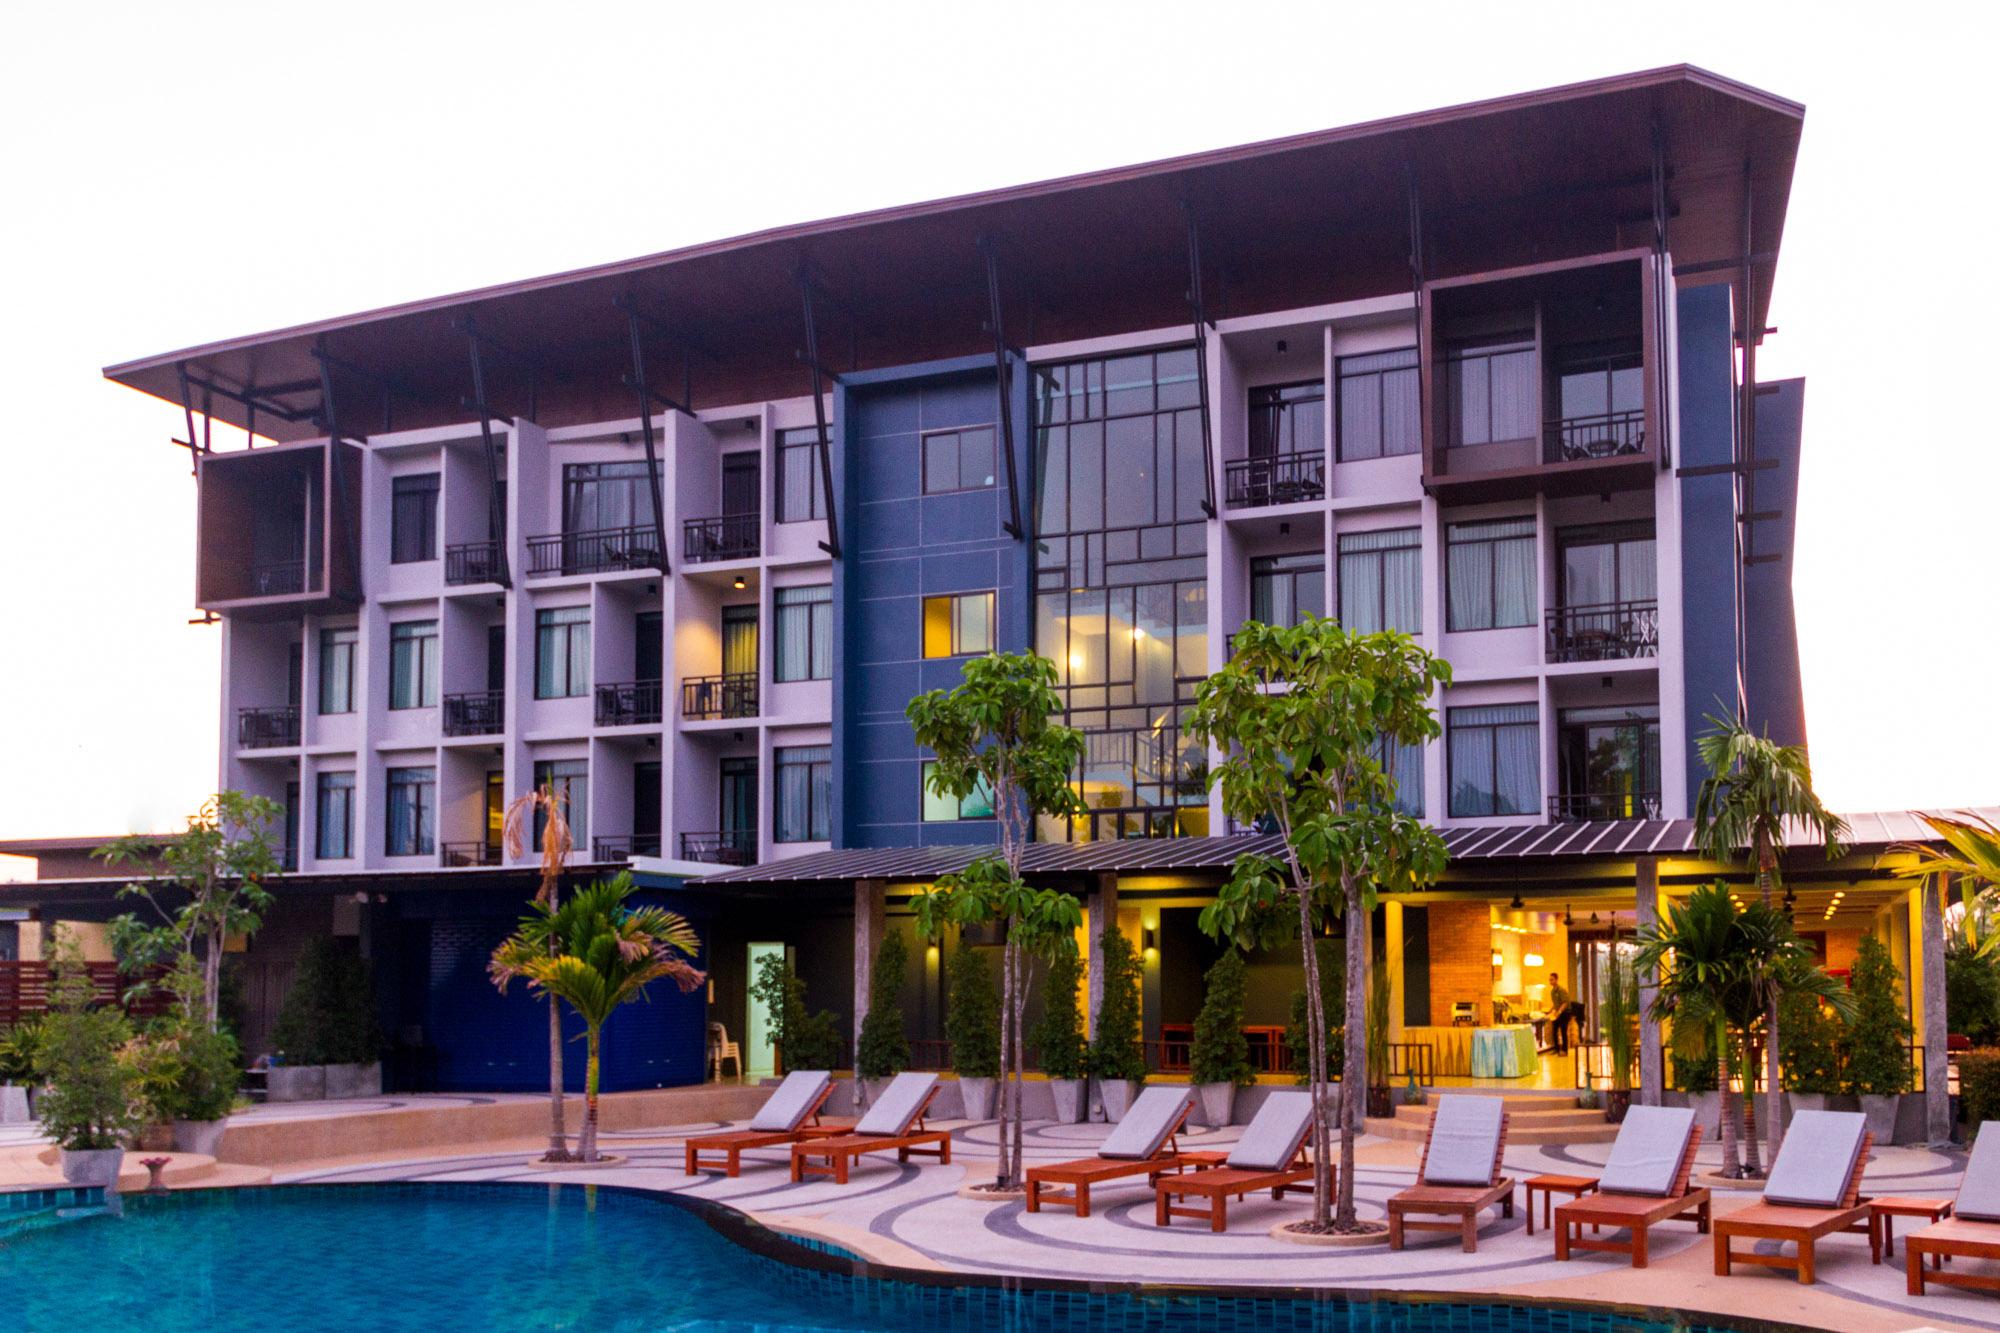 The Tama Hotel Krabi เดอะ ตะมะ โฮเทล  Tama Hotel Krabi เดอะ ตะมะ โฮเทล อ่าวน้ำเมา กระบี่ IMG 0031 1